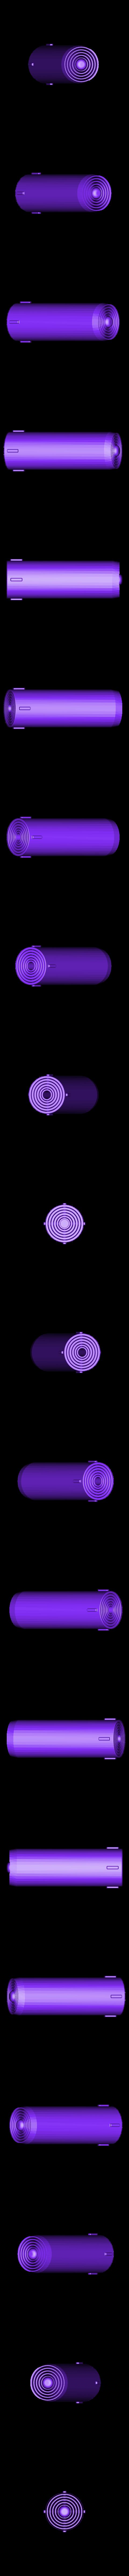 Cylinders_AllTogether.STL Download free STL file LIGHTSABER - LED - Fully Functional • 3D printer template, Balkhagal4D